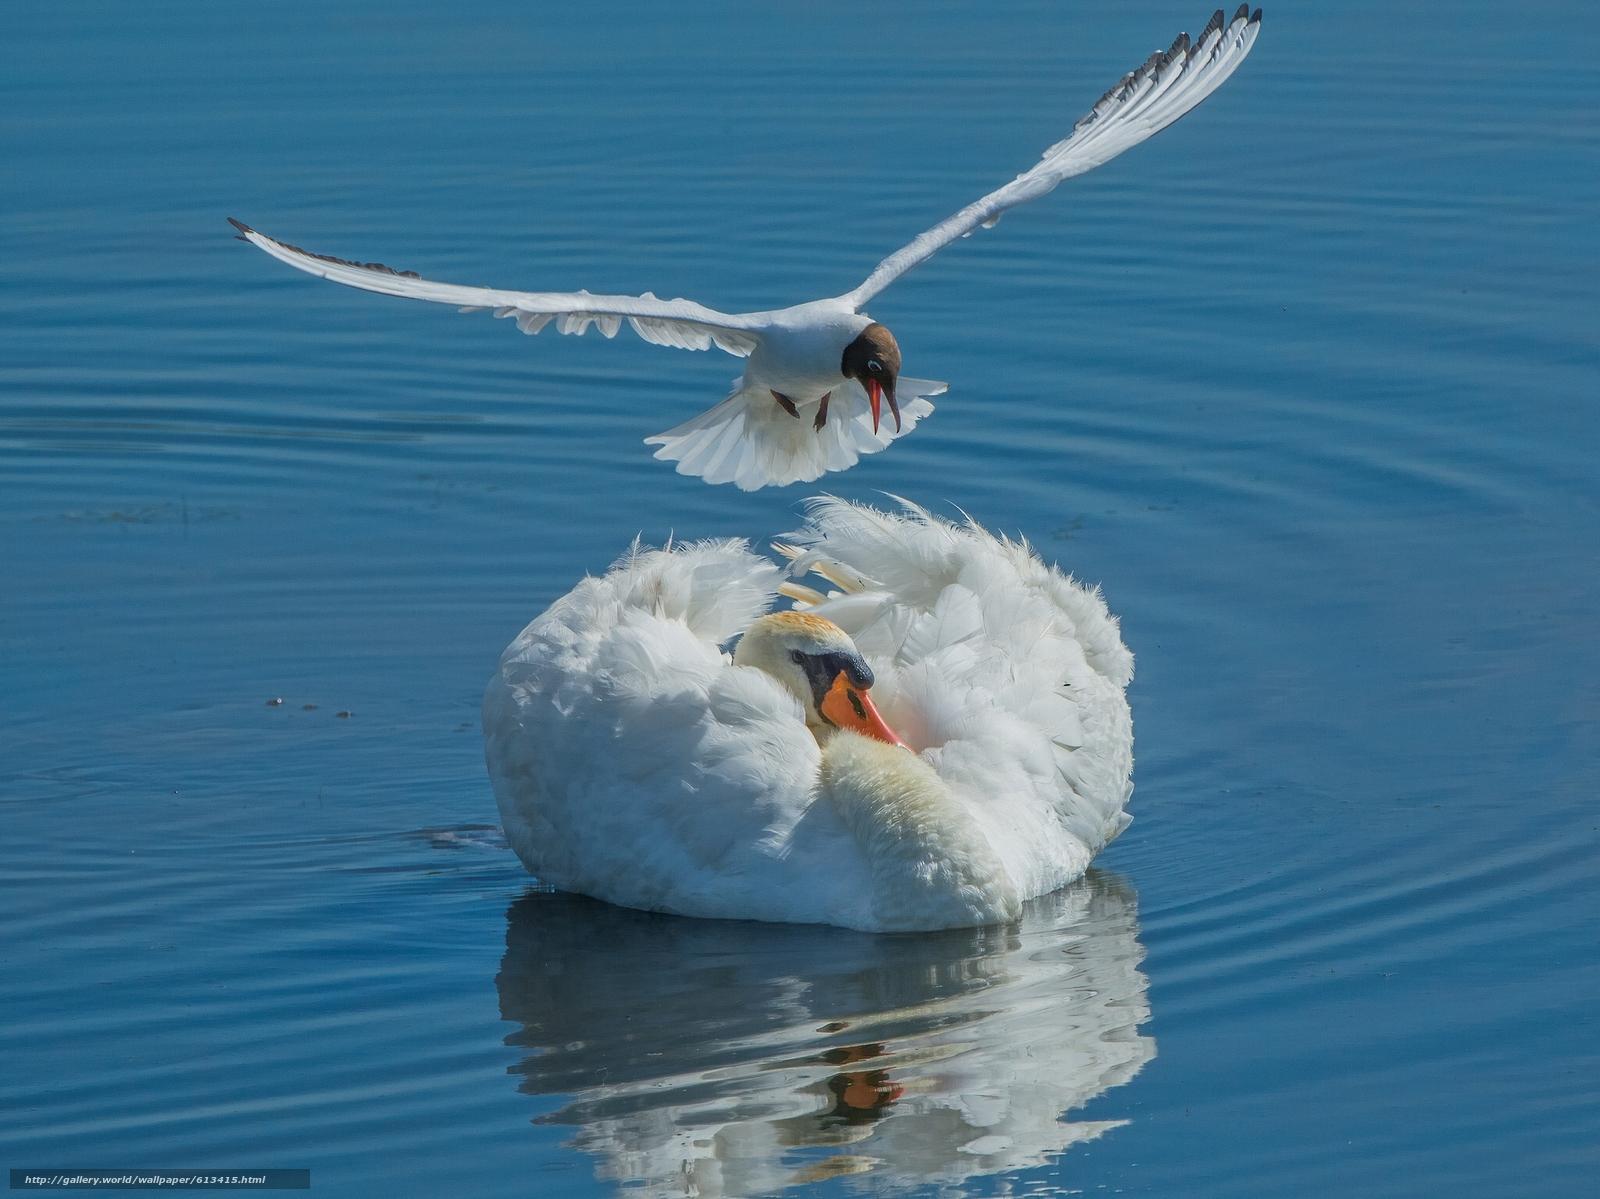 Скачать обои лебедь,  чайка,  птицы,  вода бесплатно для рабочего стола в разрешении 2048x1535 — картинка №613415